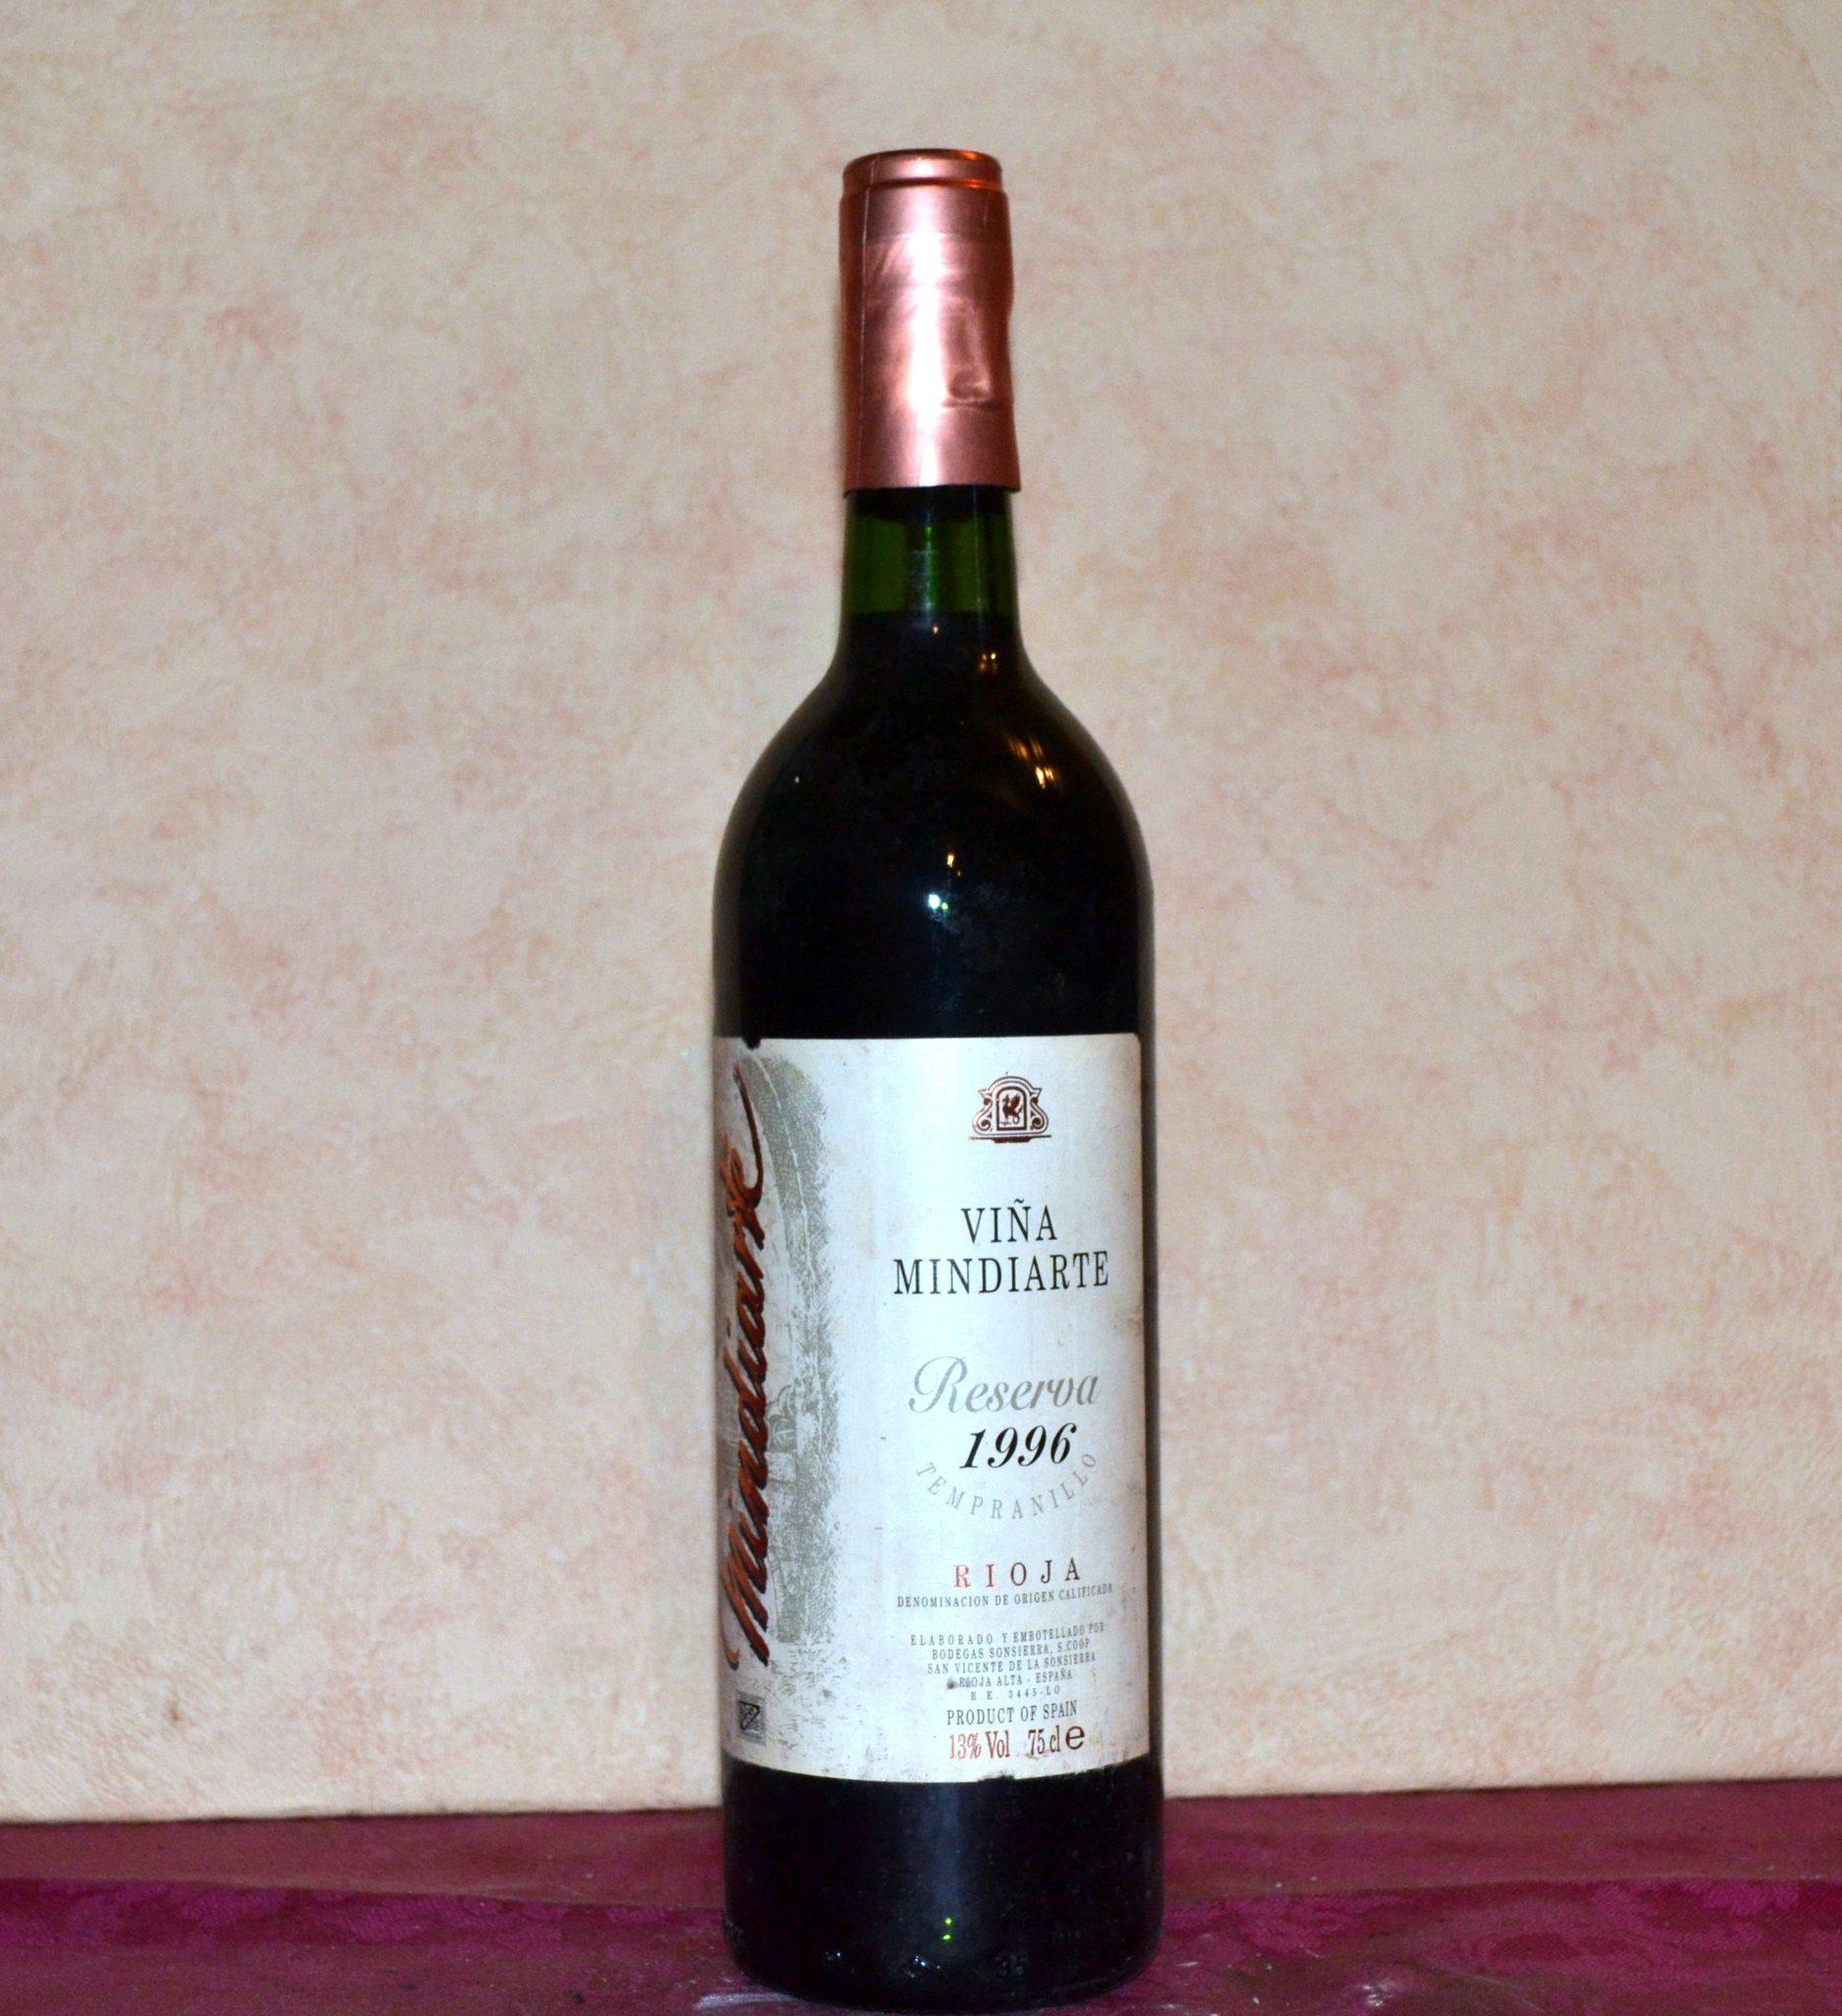 Mindiarte Sonsierra Reserve 1996